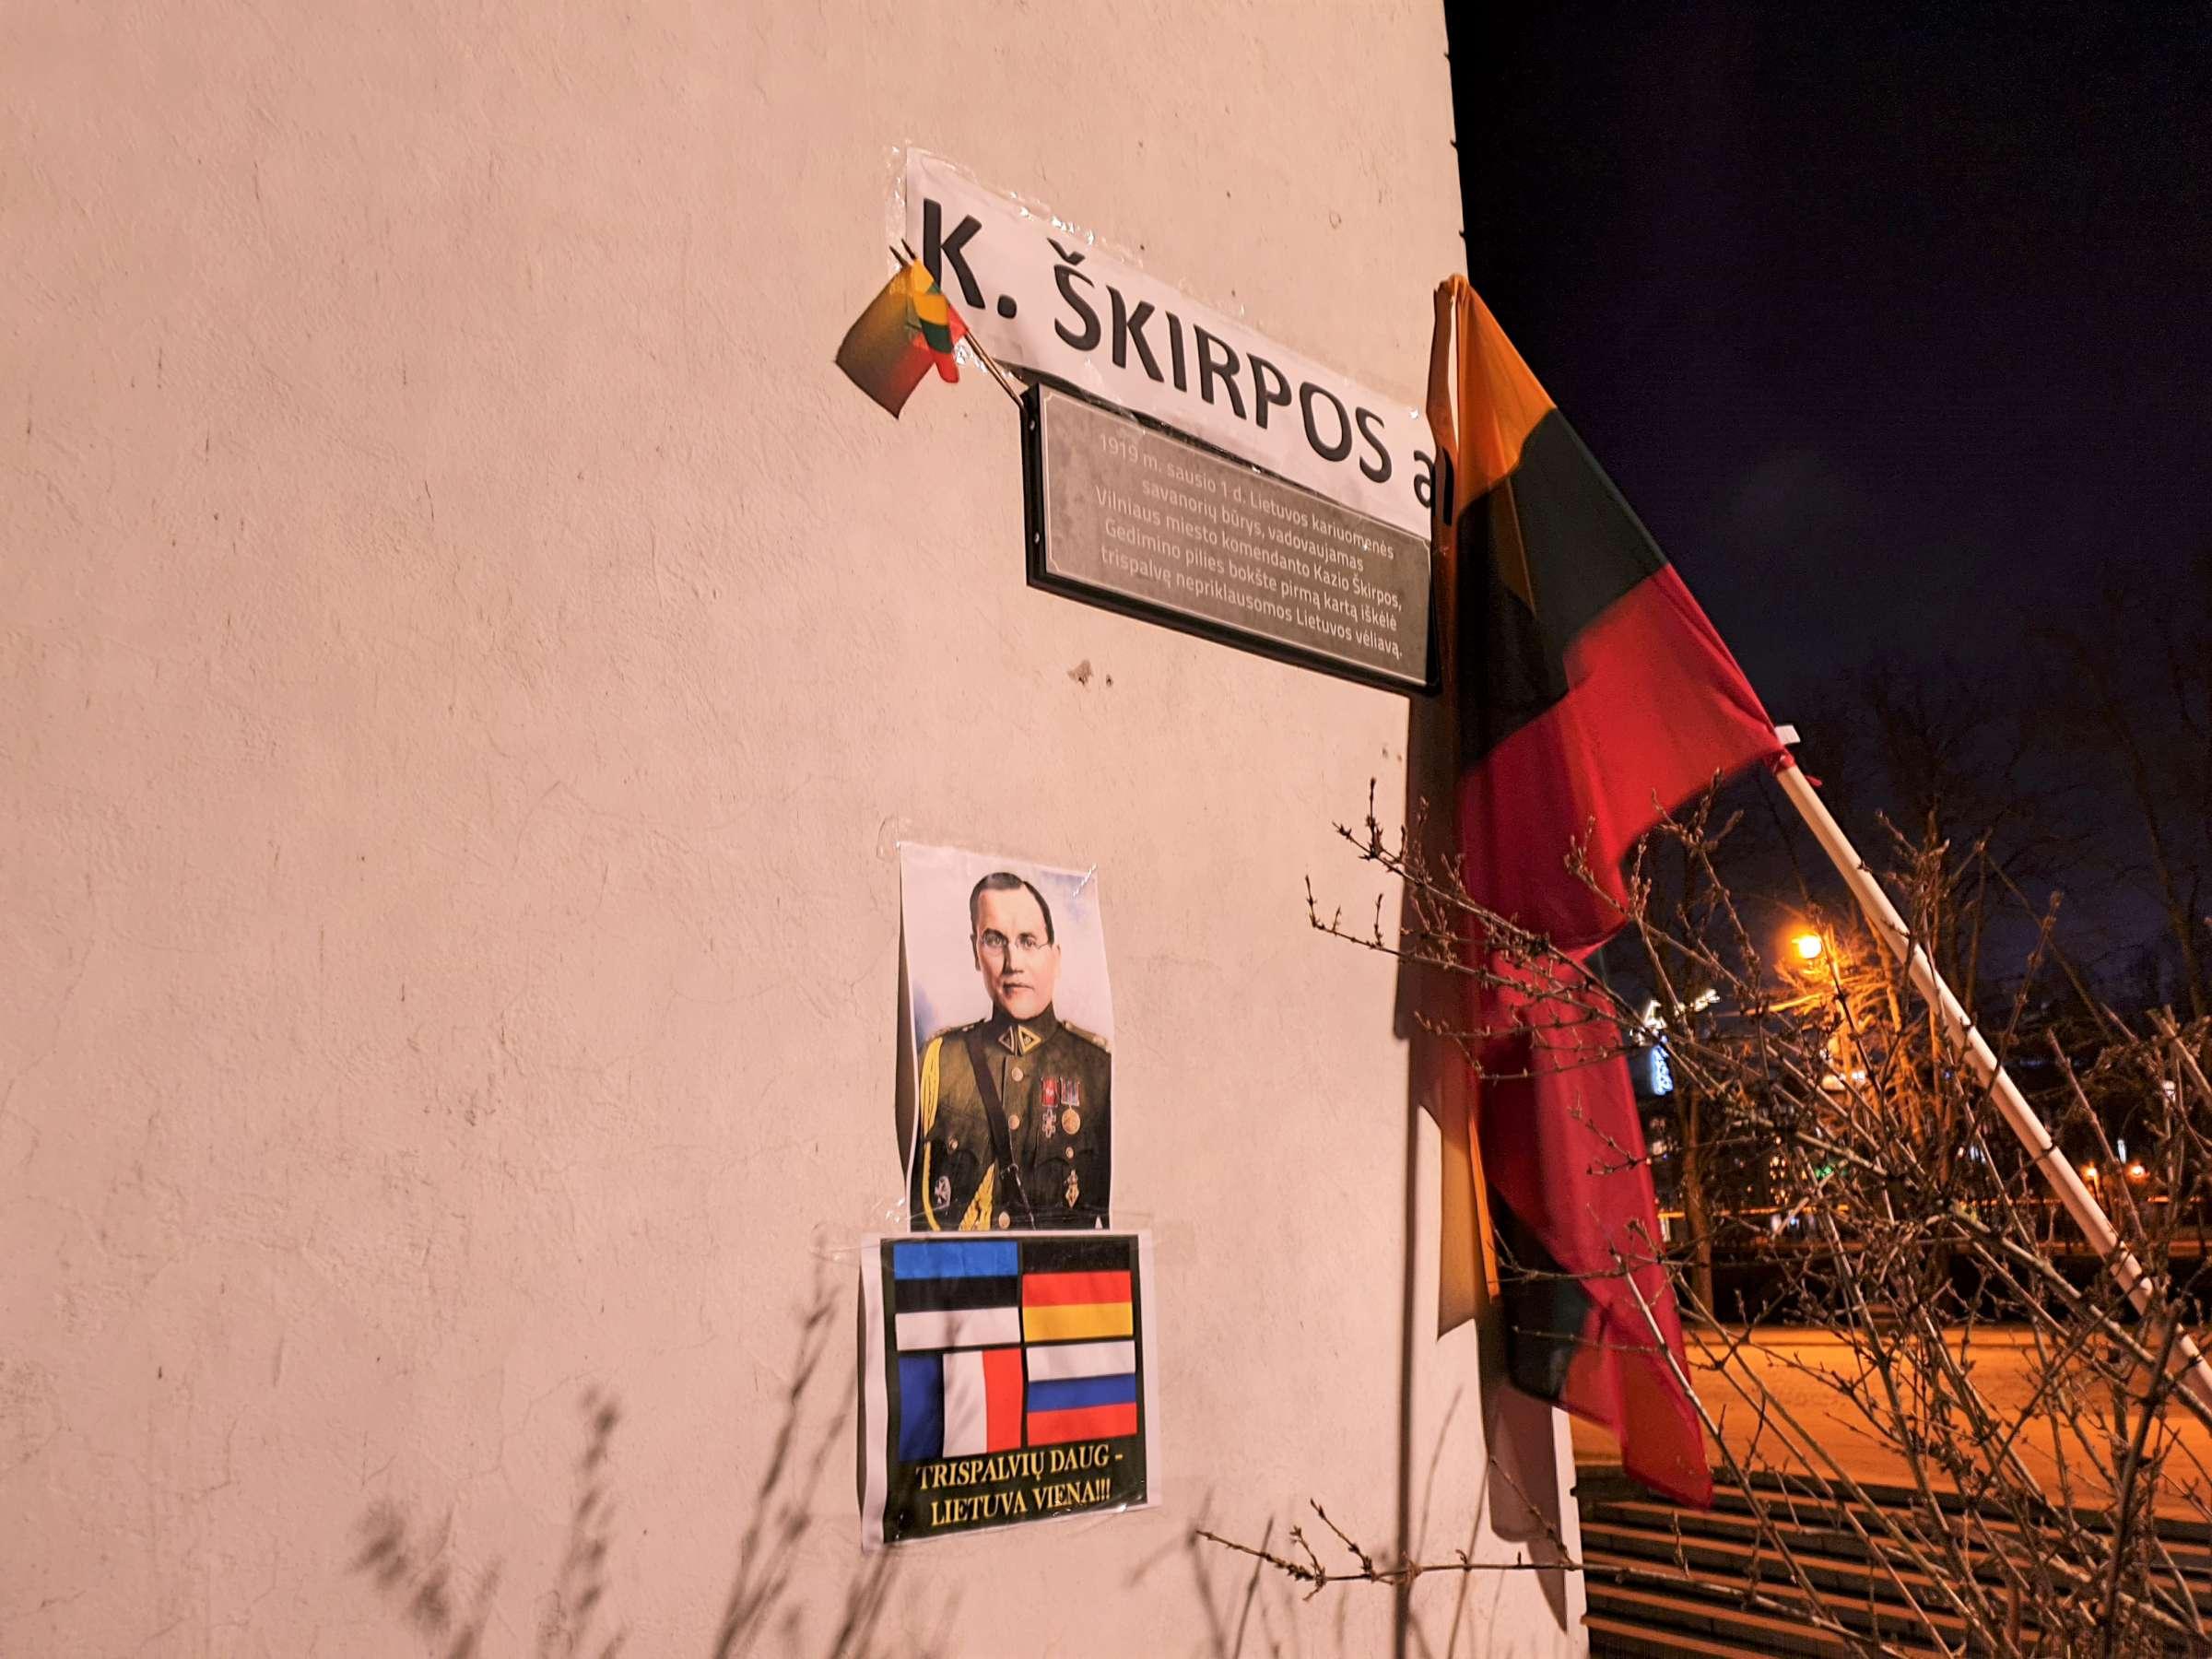 Vilniaus alėjai trumpam vėl gražintas buvęs Kazio Škirpos vardas | Alkas.lt nuotr.